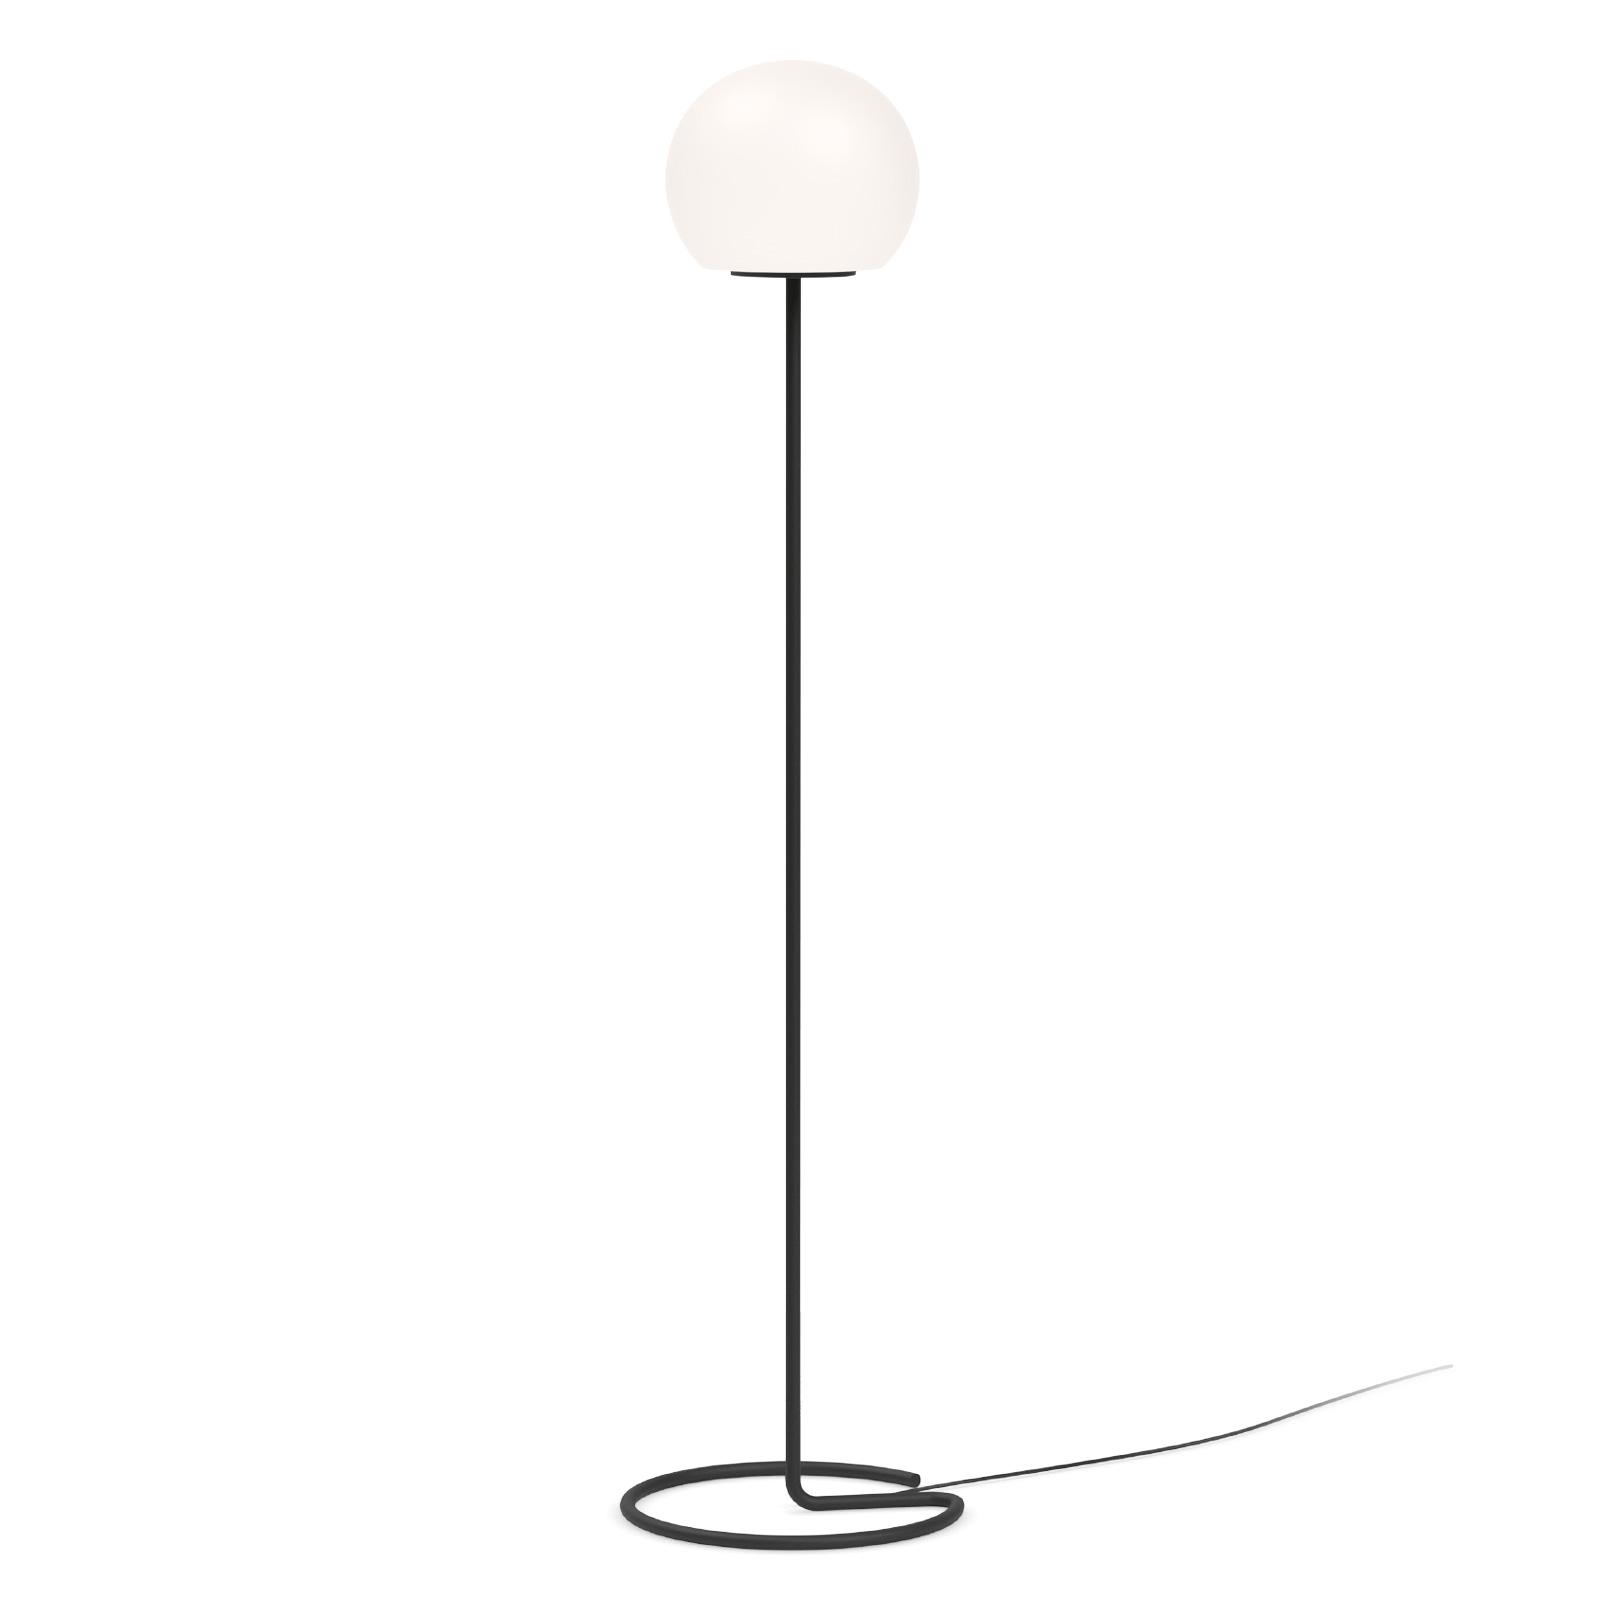 WEVER & DUCRÉ Dro 3.0 vloerlamp zwart-wit